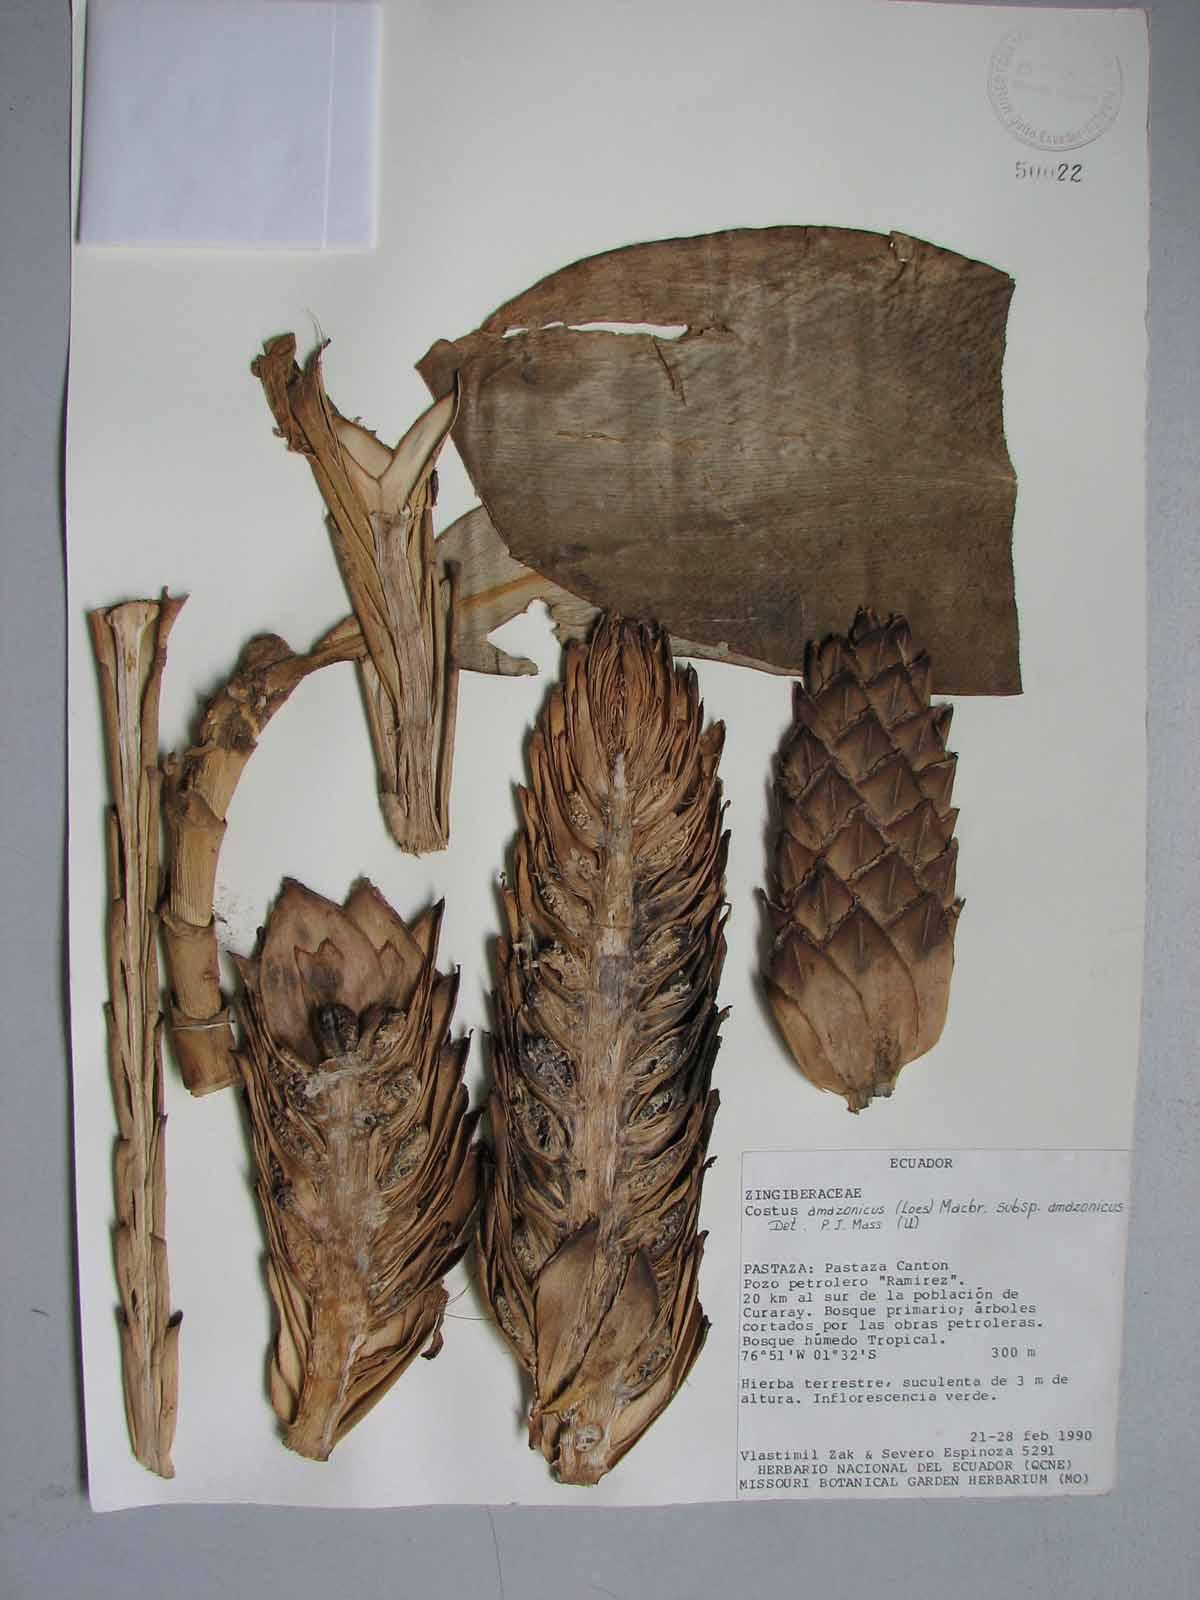 Photo# 17524 - Costus amazonicus subsp. amazonicus, at the National Herbarium in Quito, collected in Ecuador, Pastaza.